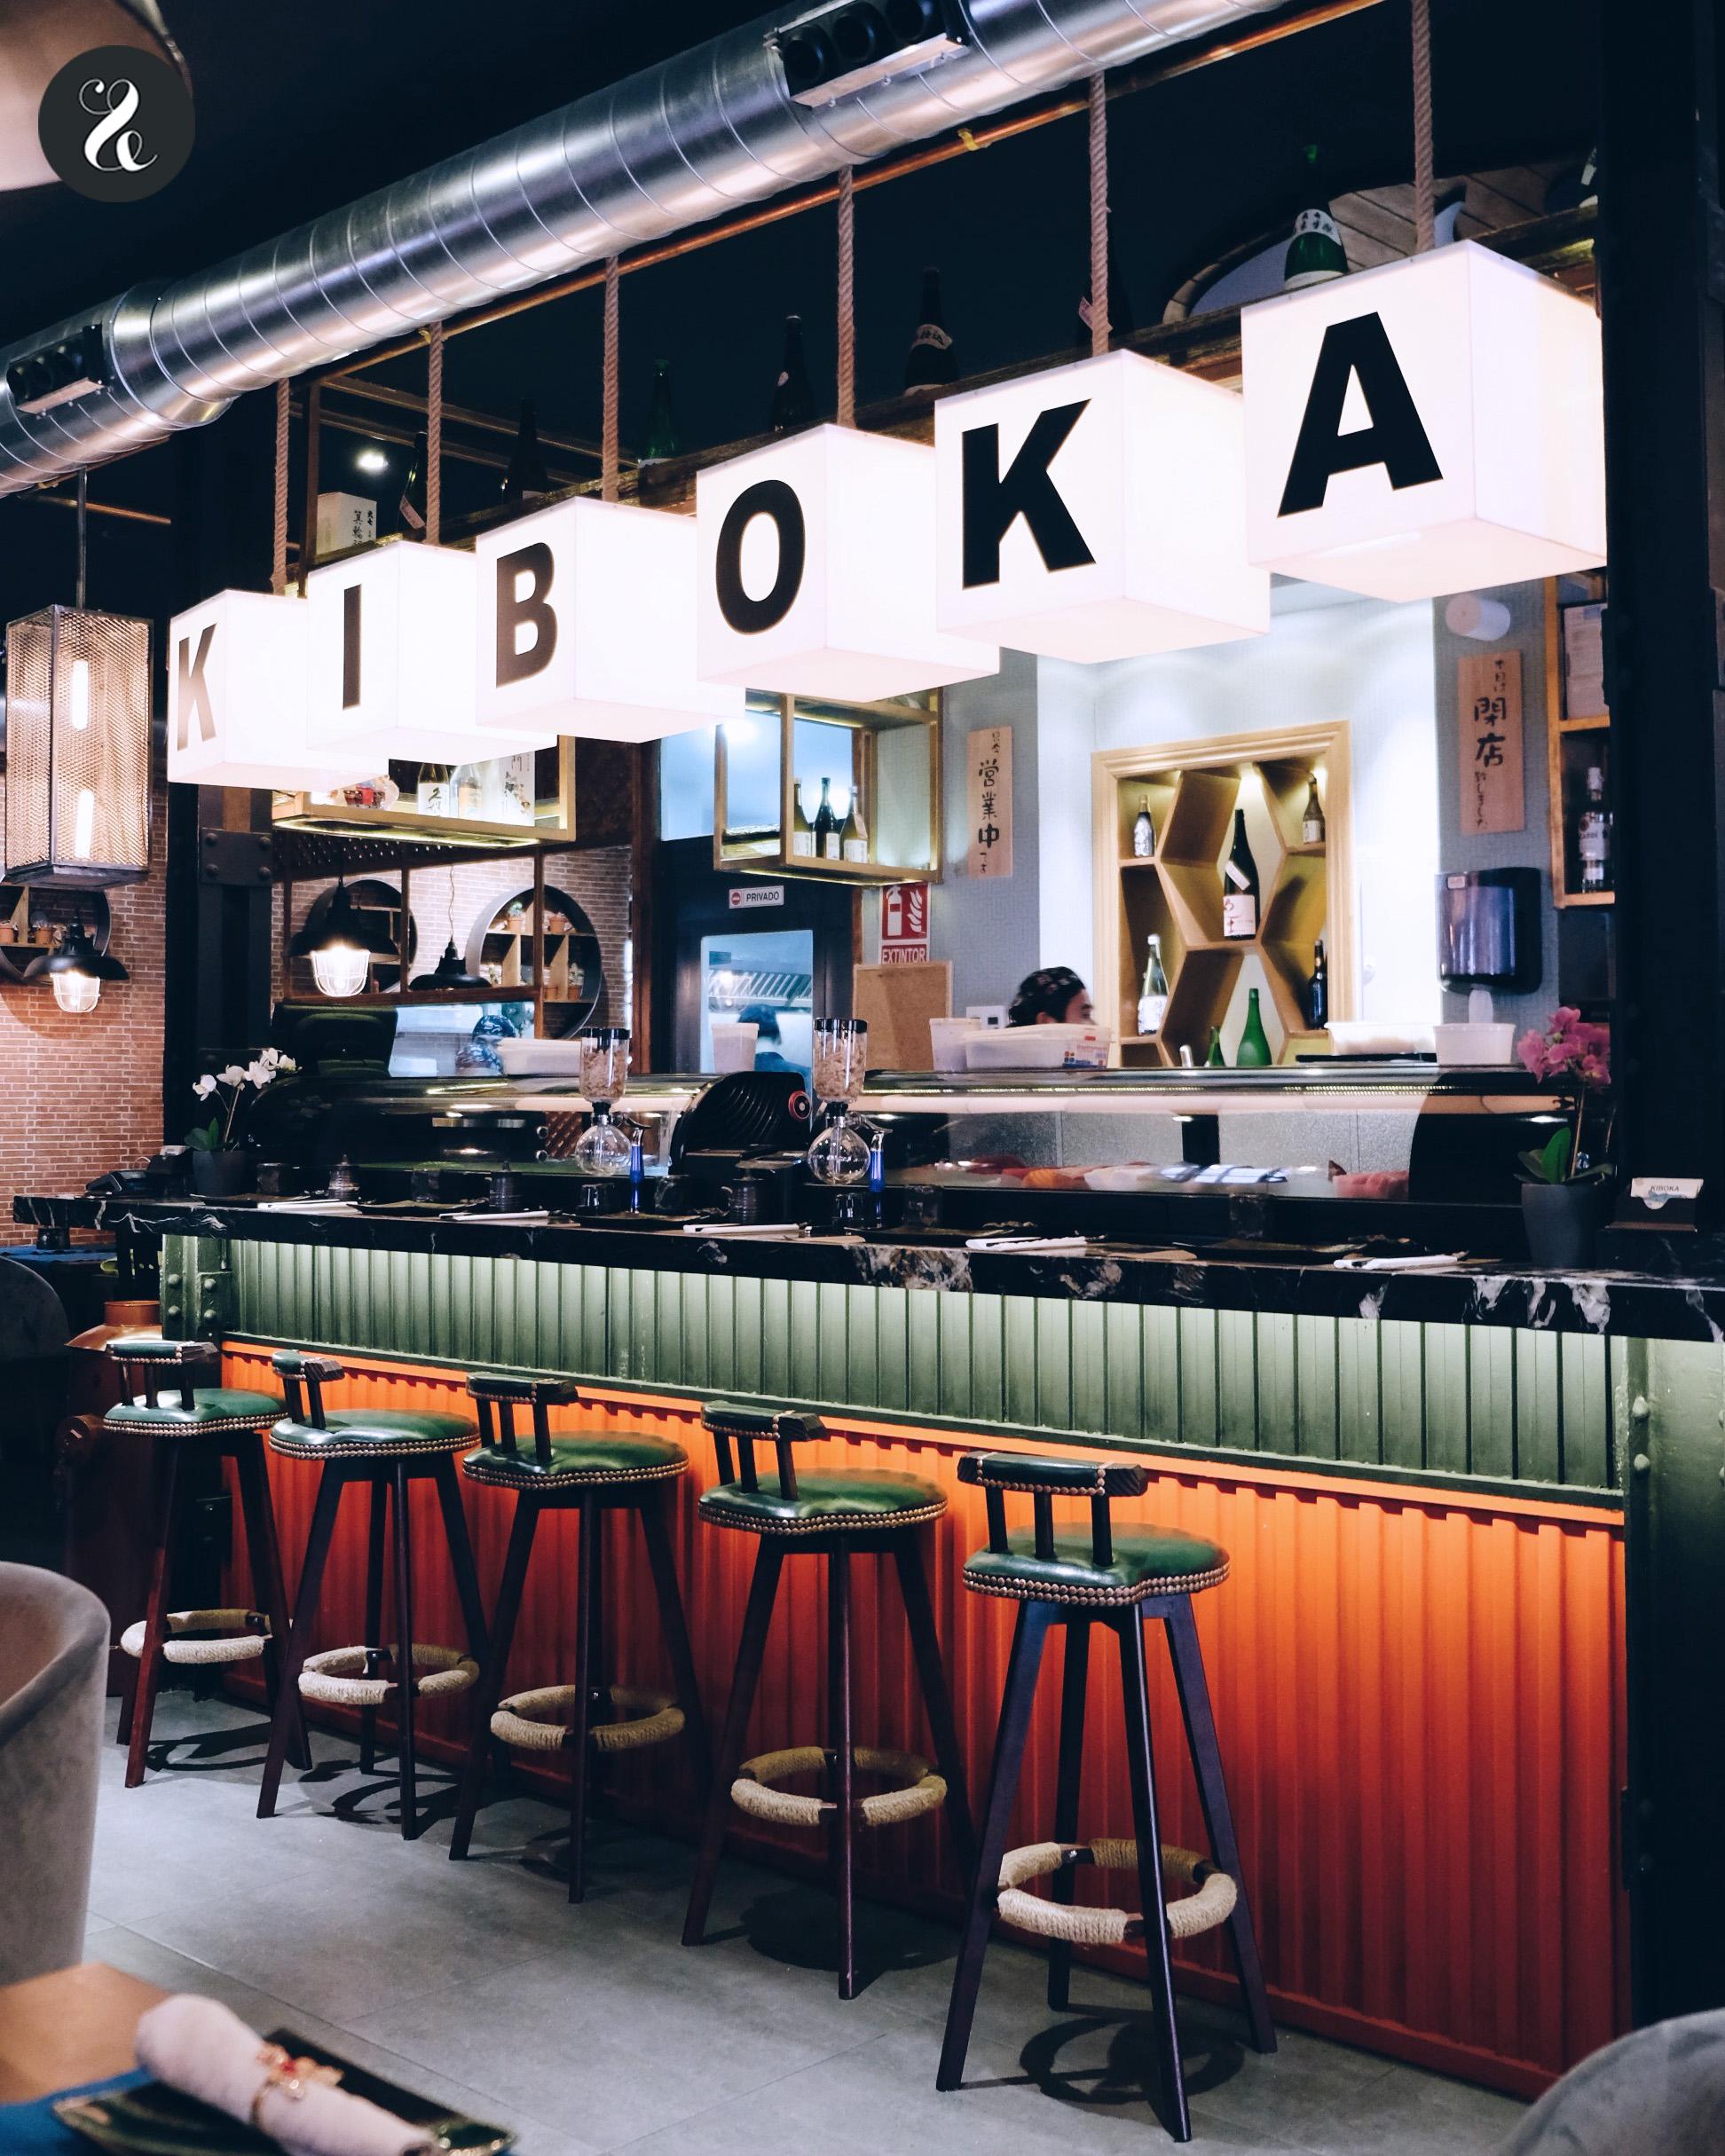 Kiboka